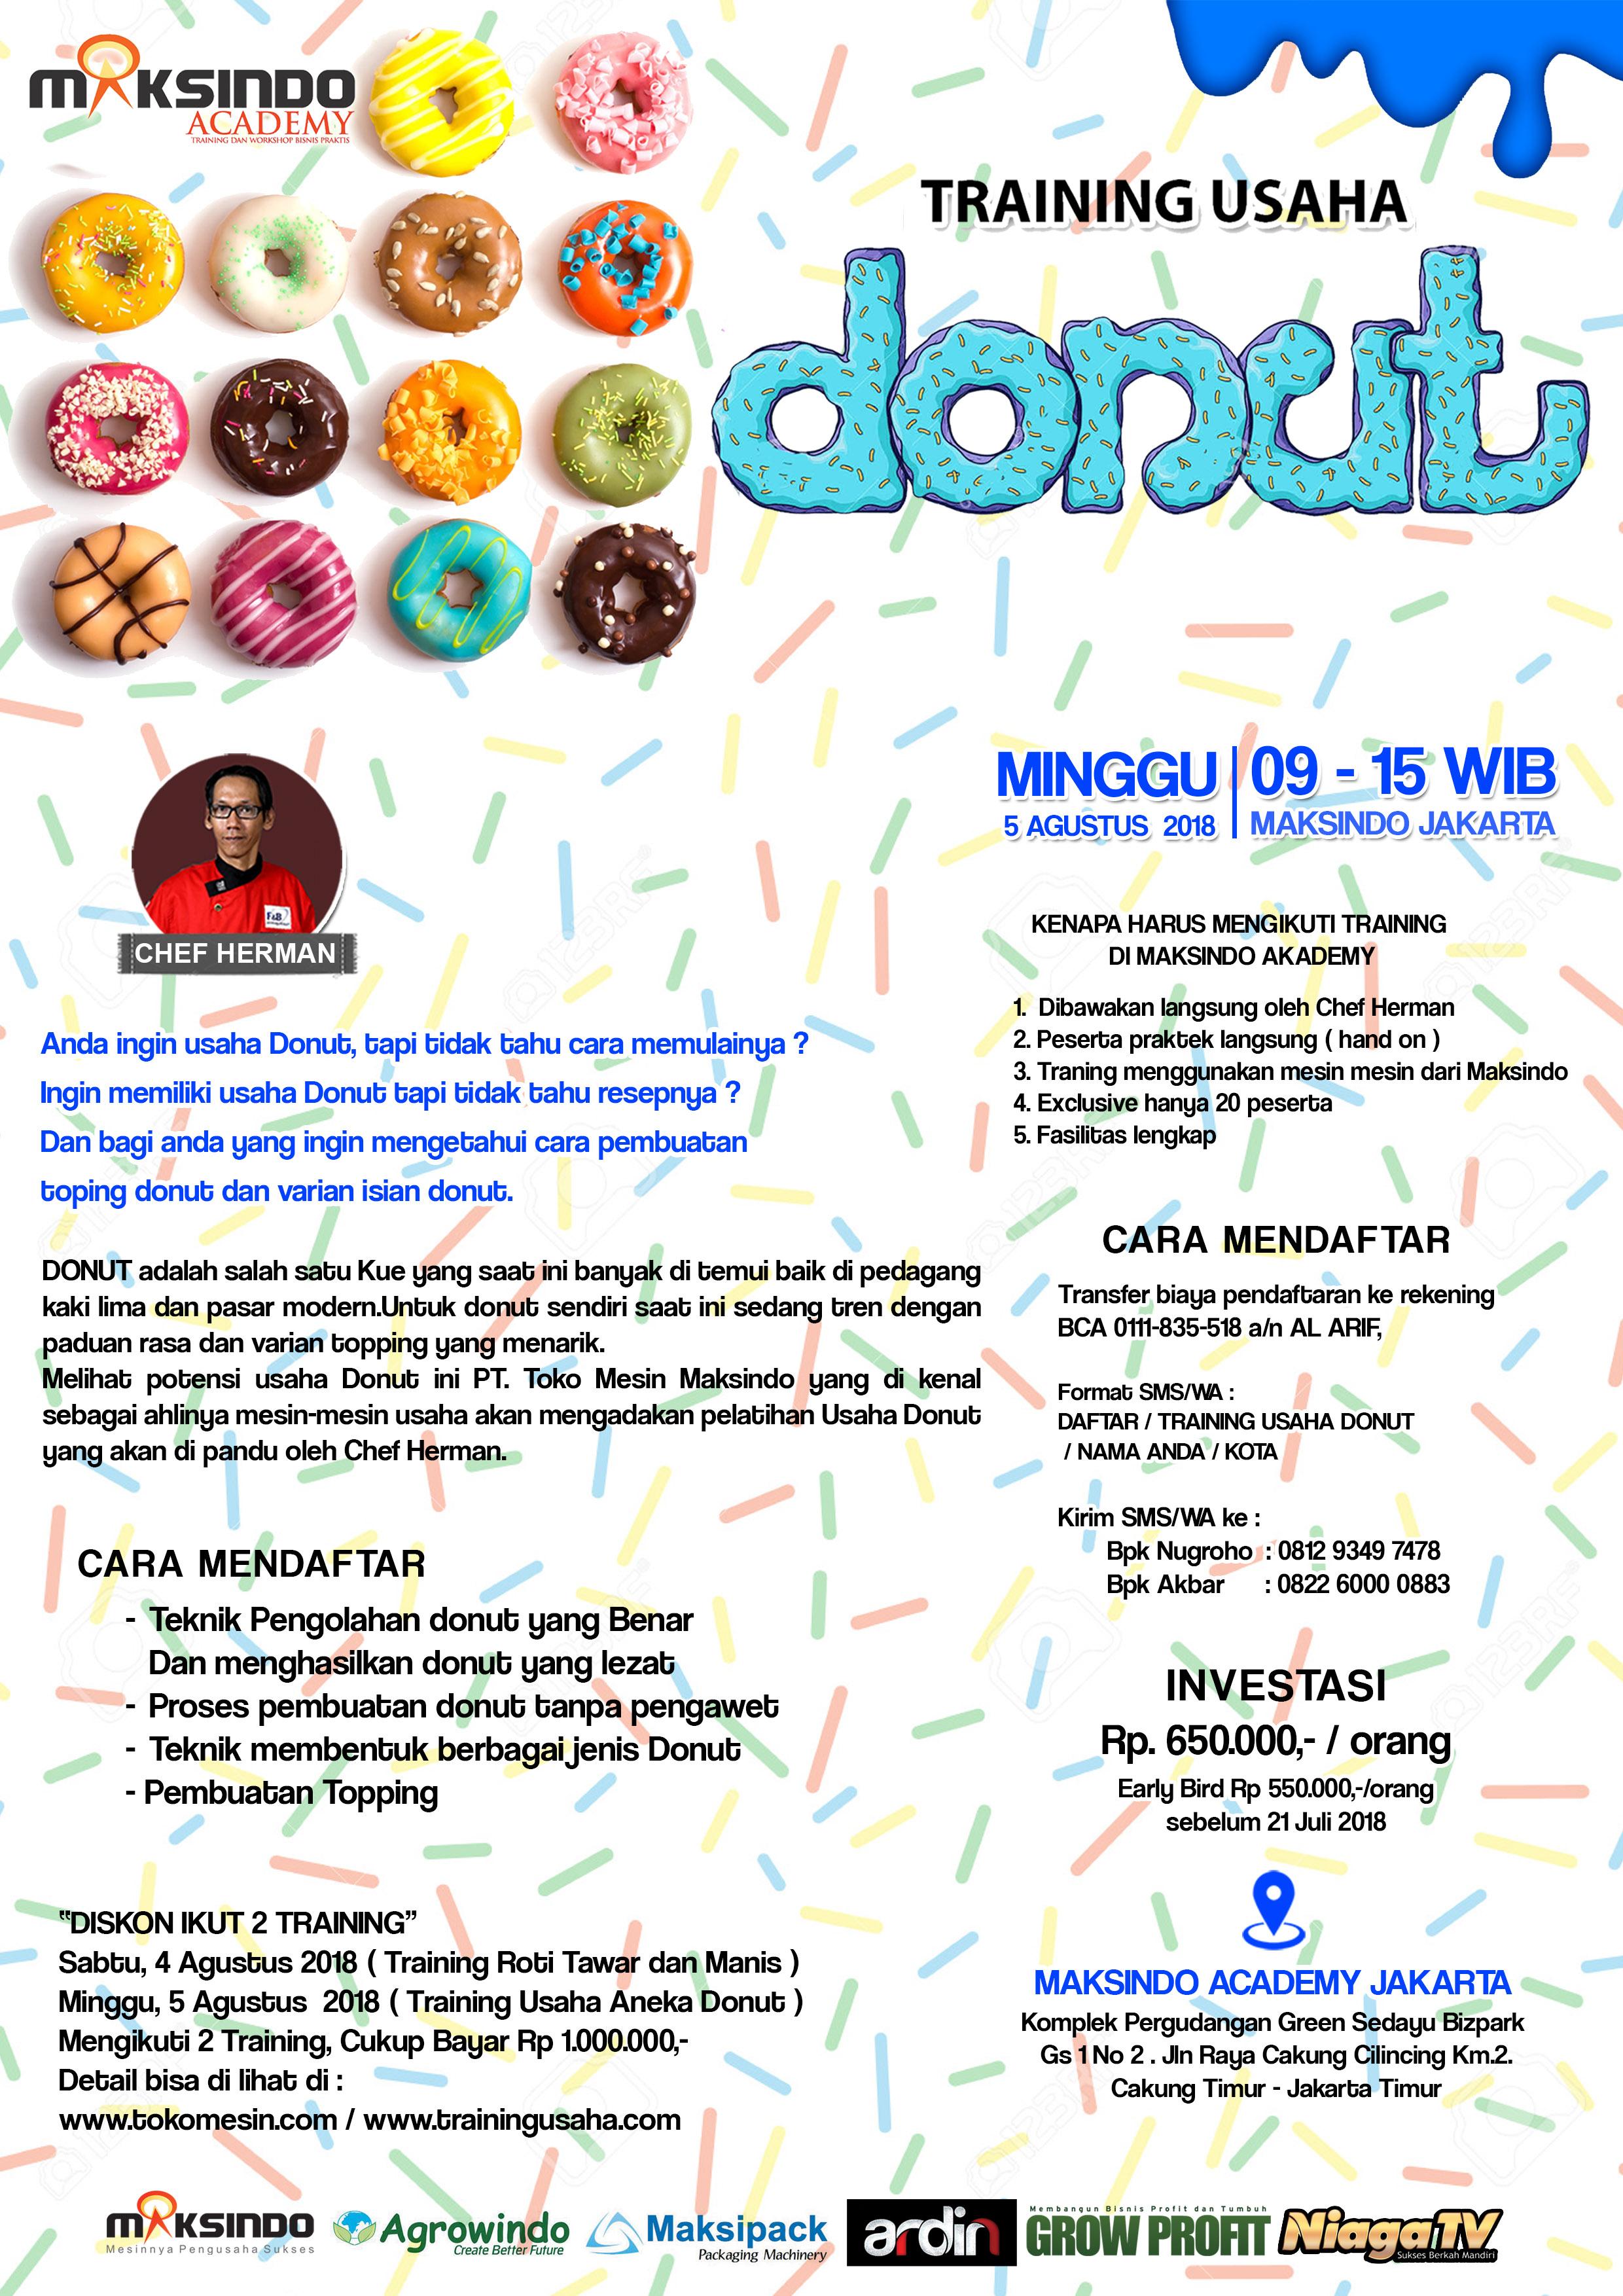 Training Usaha Donut, Minggu 5 Agustus 2018